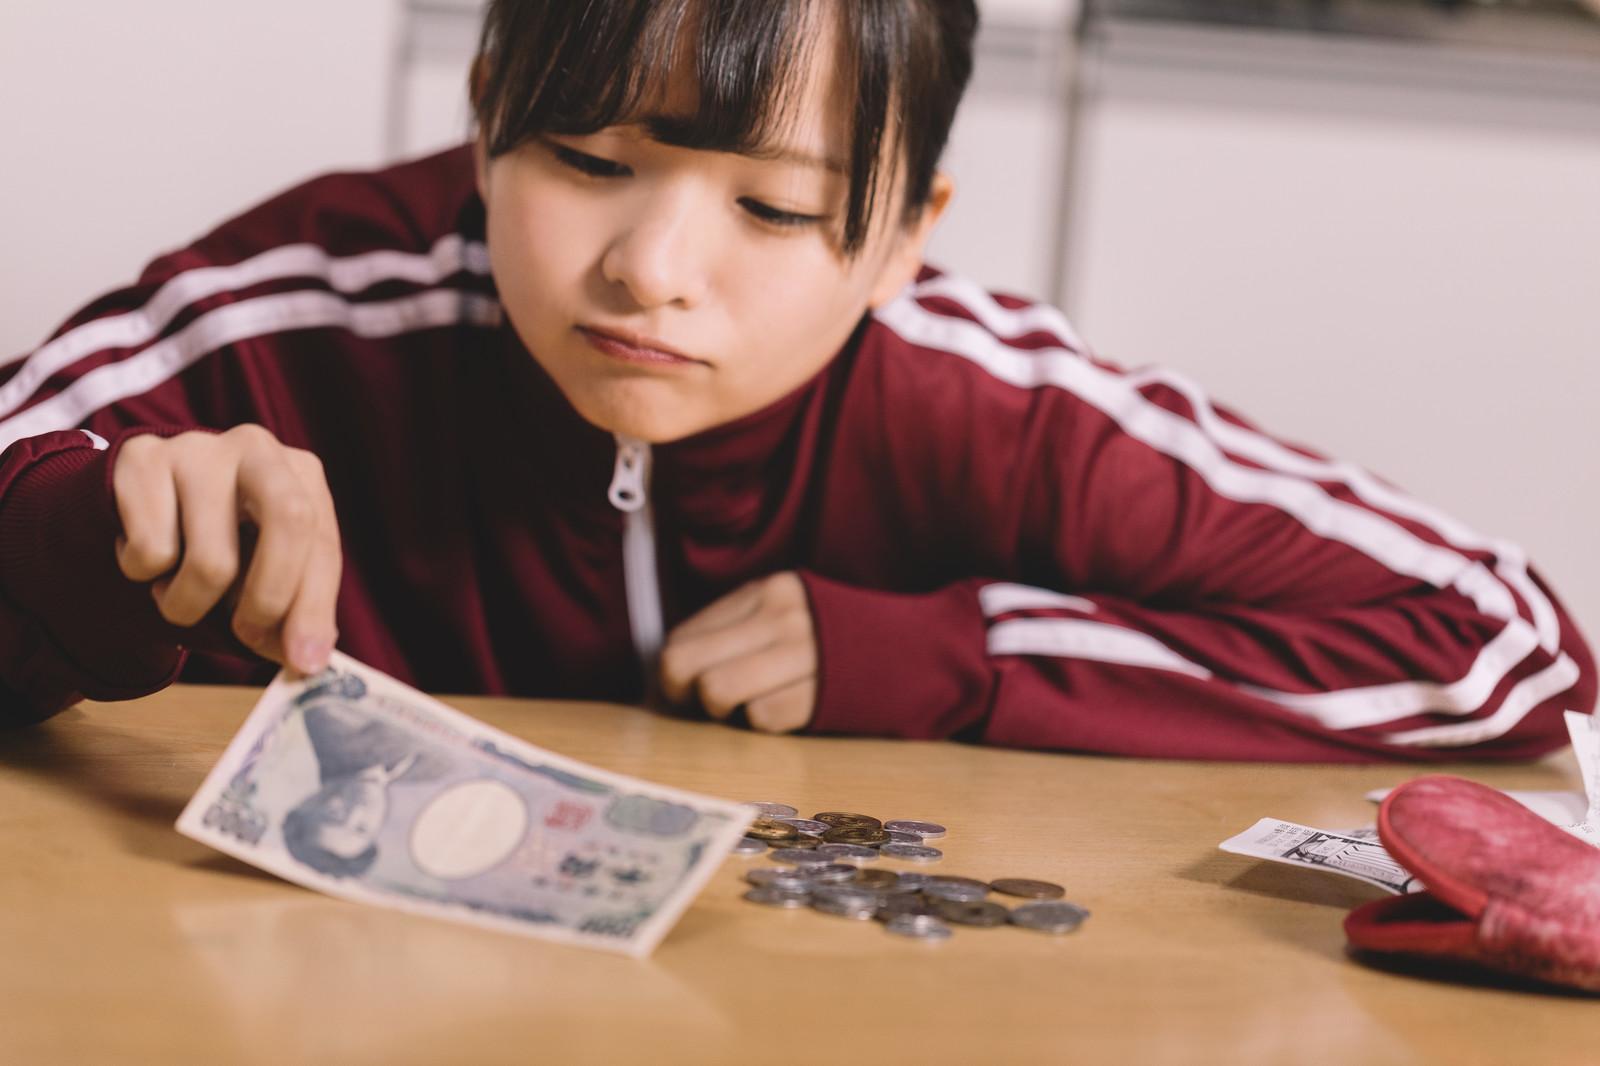 年収1000万以上の高所得者なら絶対しない間違った節約習慣6選まとめ